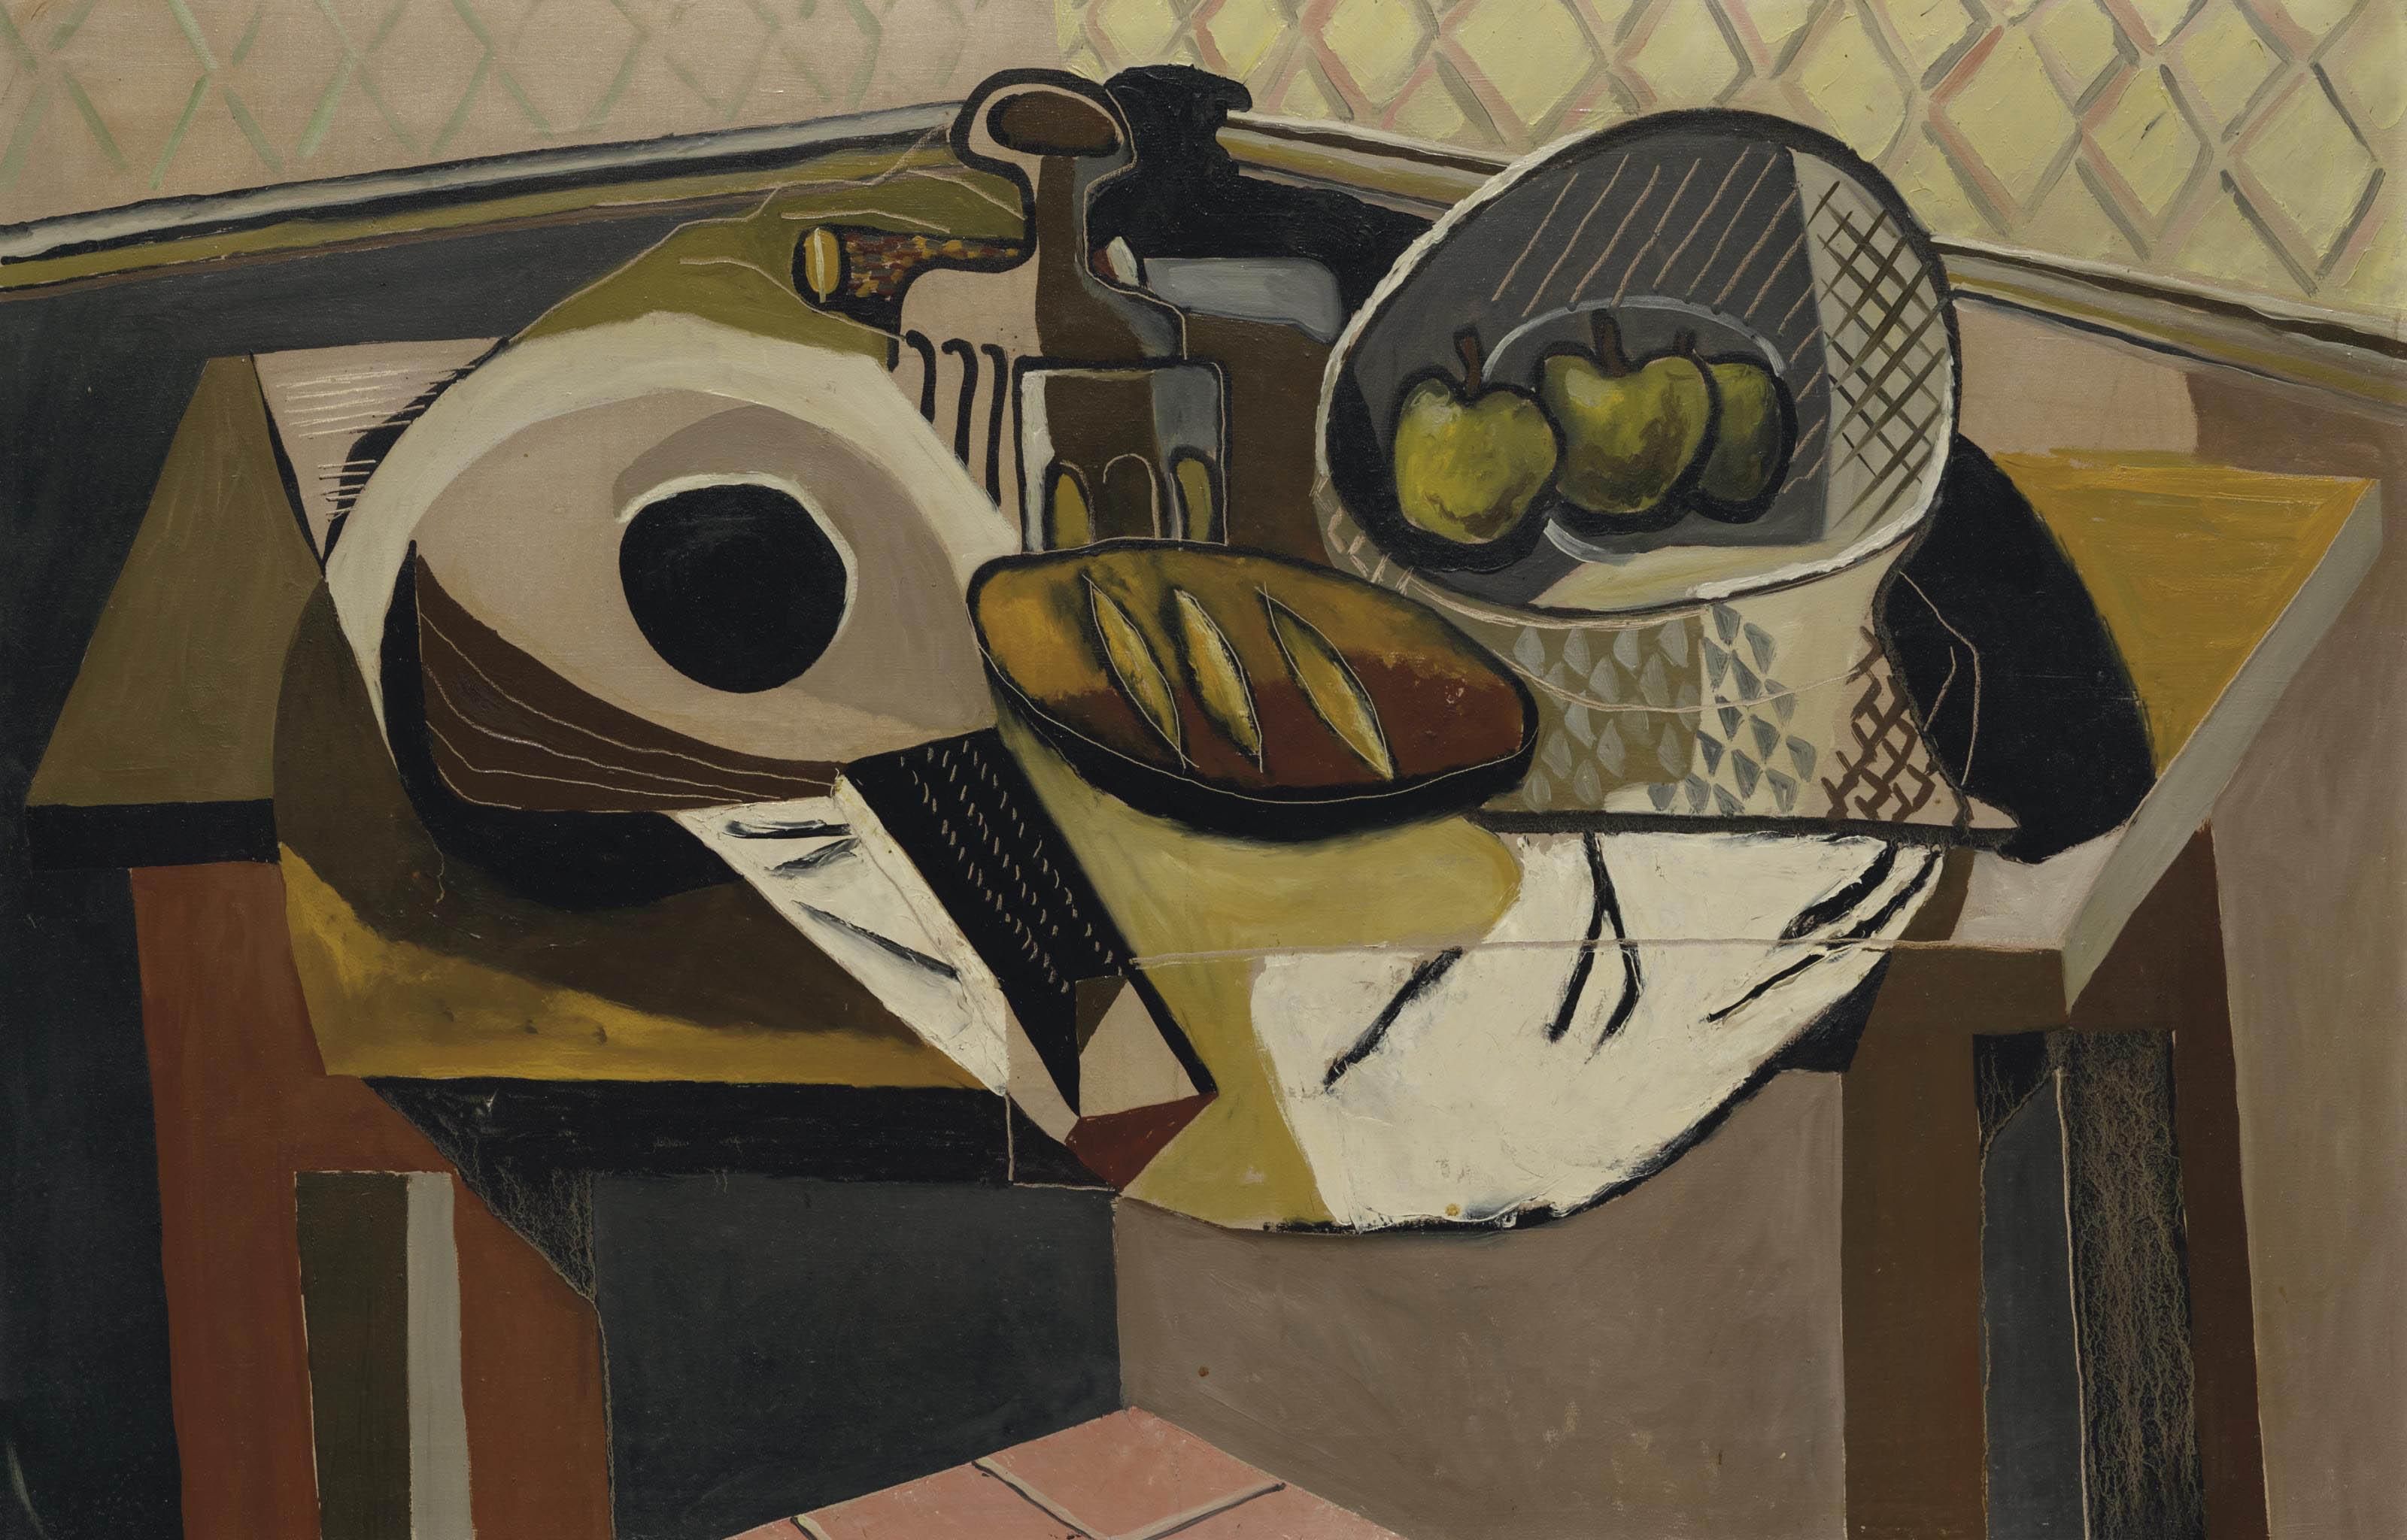 Stillleben mit Mandoline, Fruchtschale, Wasserflasche und Brot, 1932